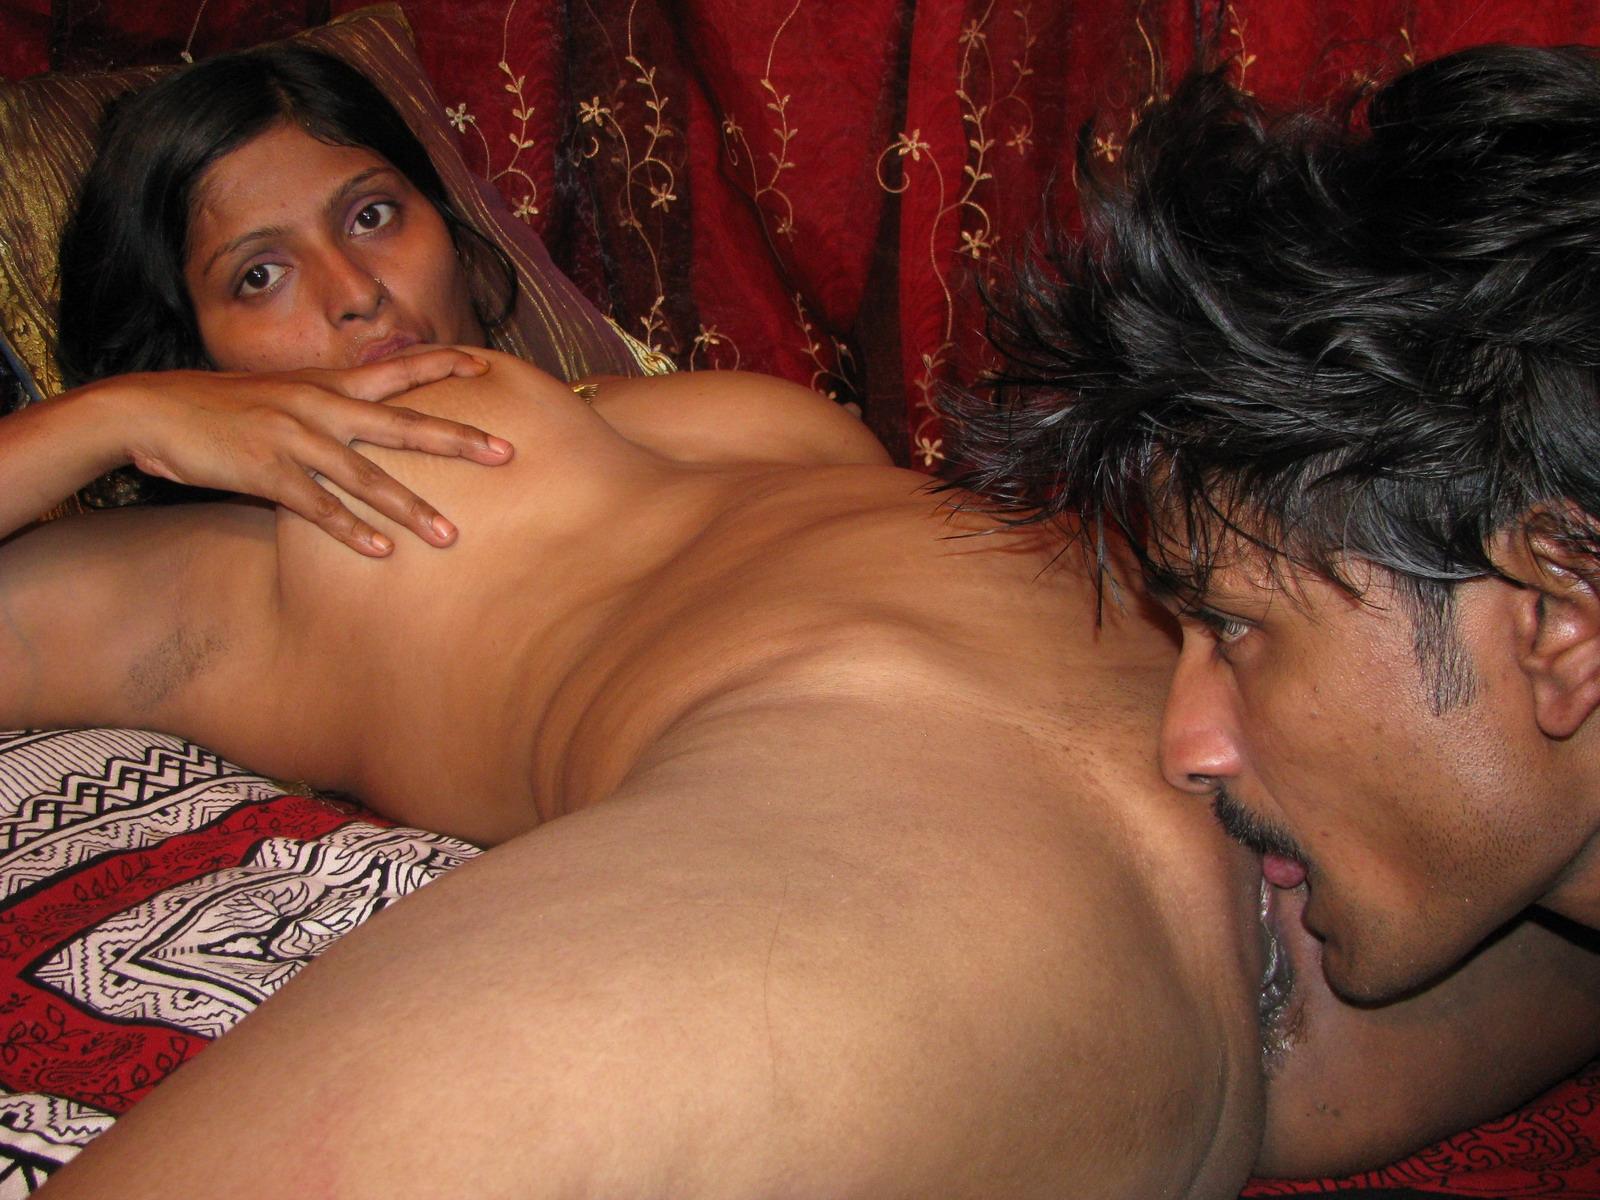 Смотреть бесплатно индийское порно пышных, Индийские толстушки - видео Bitch Flesh 14 фотография